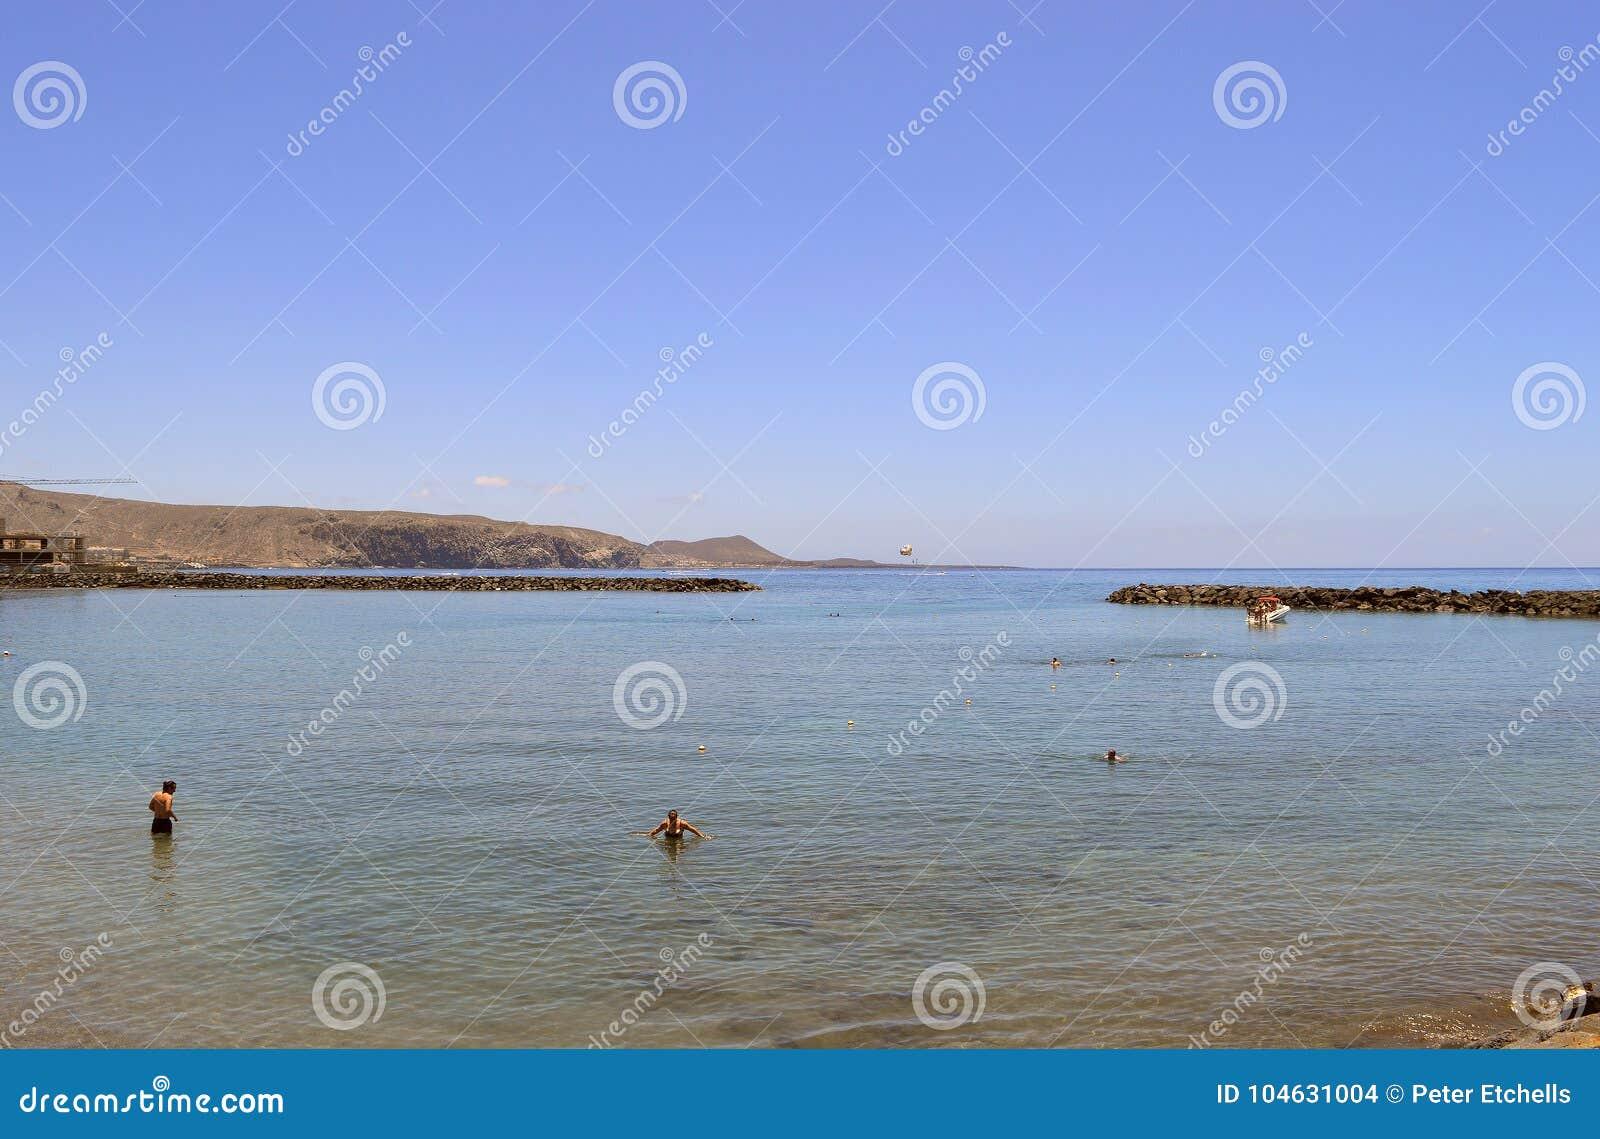 Download De Toeristen Van Het Playade Las Amerika Strand In Het Overzees Redactionele Stock Afbeelding - Afbeelding bestaande uit reis, bathing: 104631004